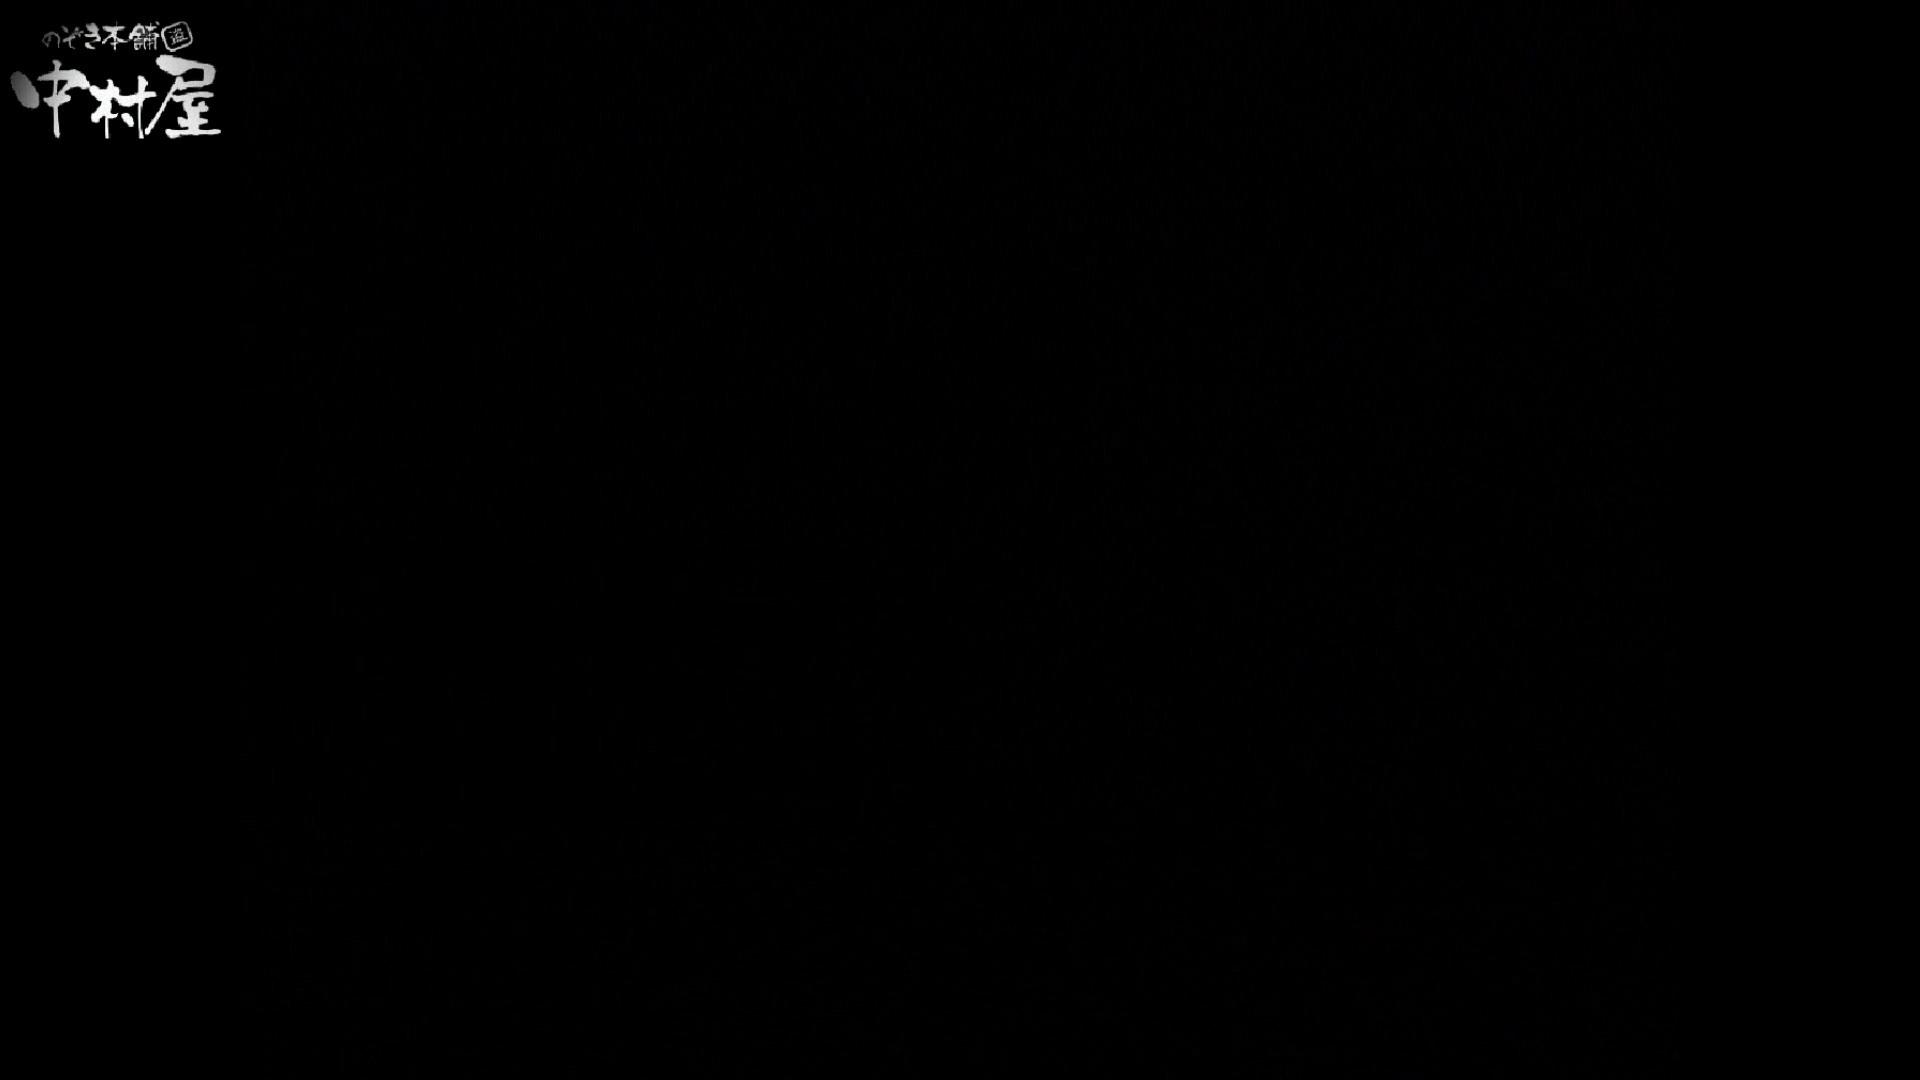 民家風呂専門盗撮師の超危険映像 vol.008 股間 アダルト動画キャプチャ 94pic 28